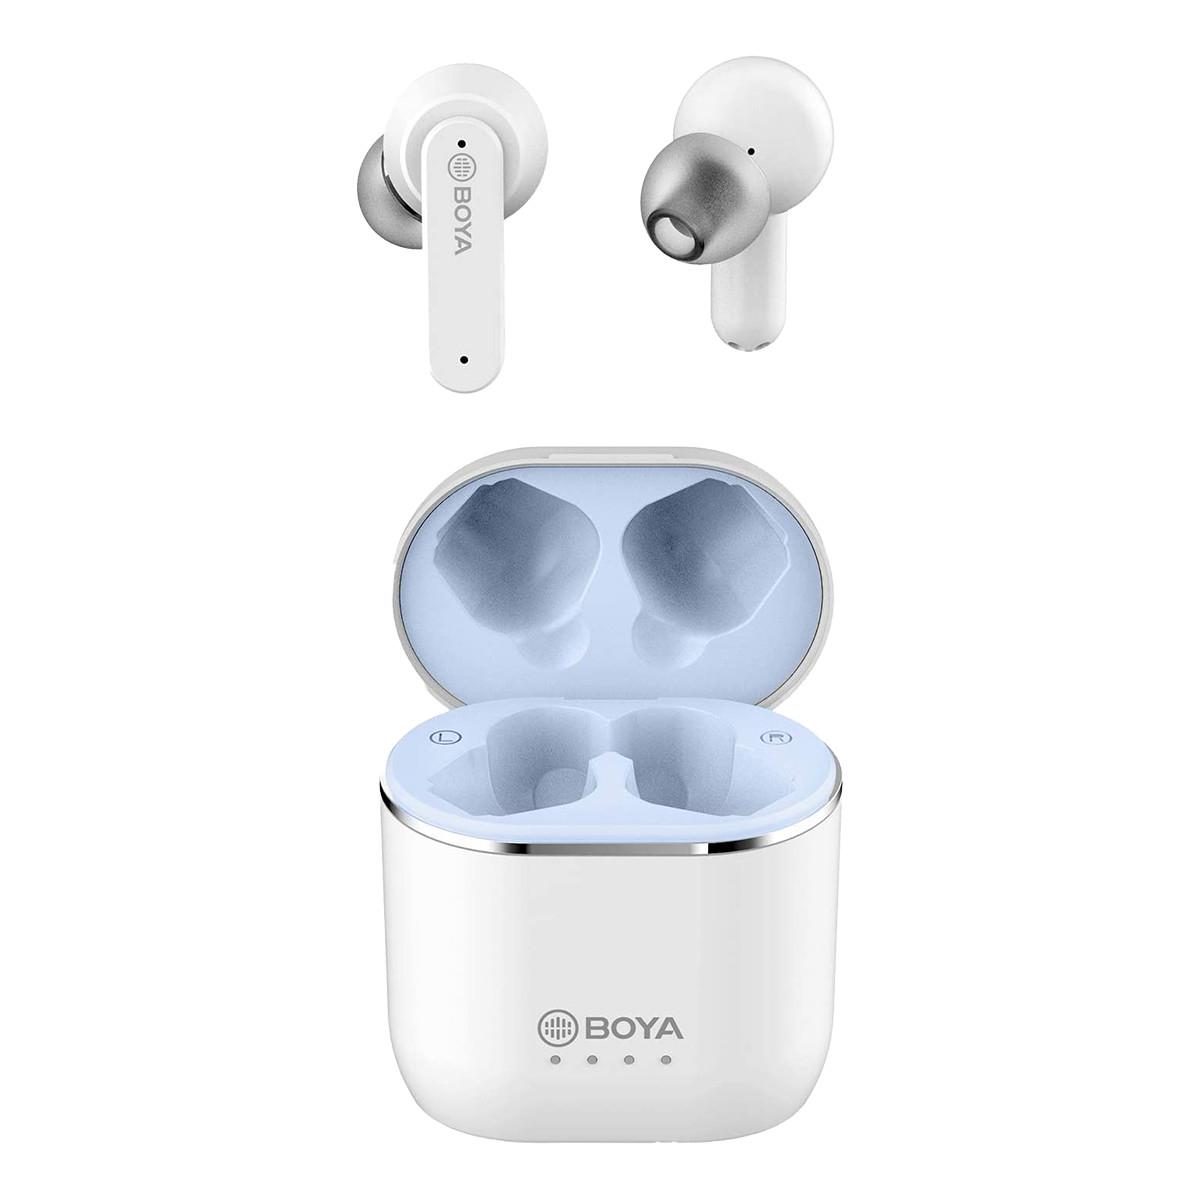 BOYA Trådlösa TWS Half-In-Ear hörlurar, brusreducering, vit